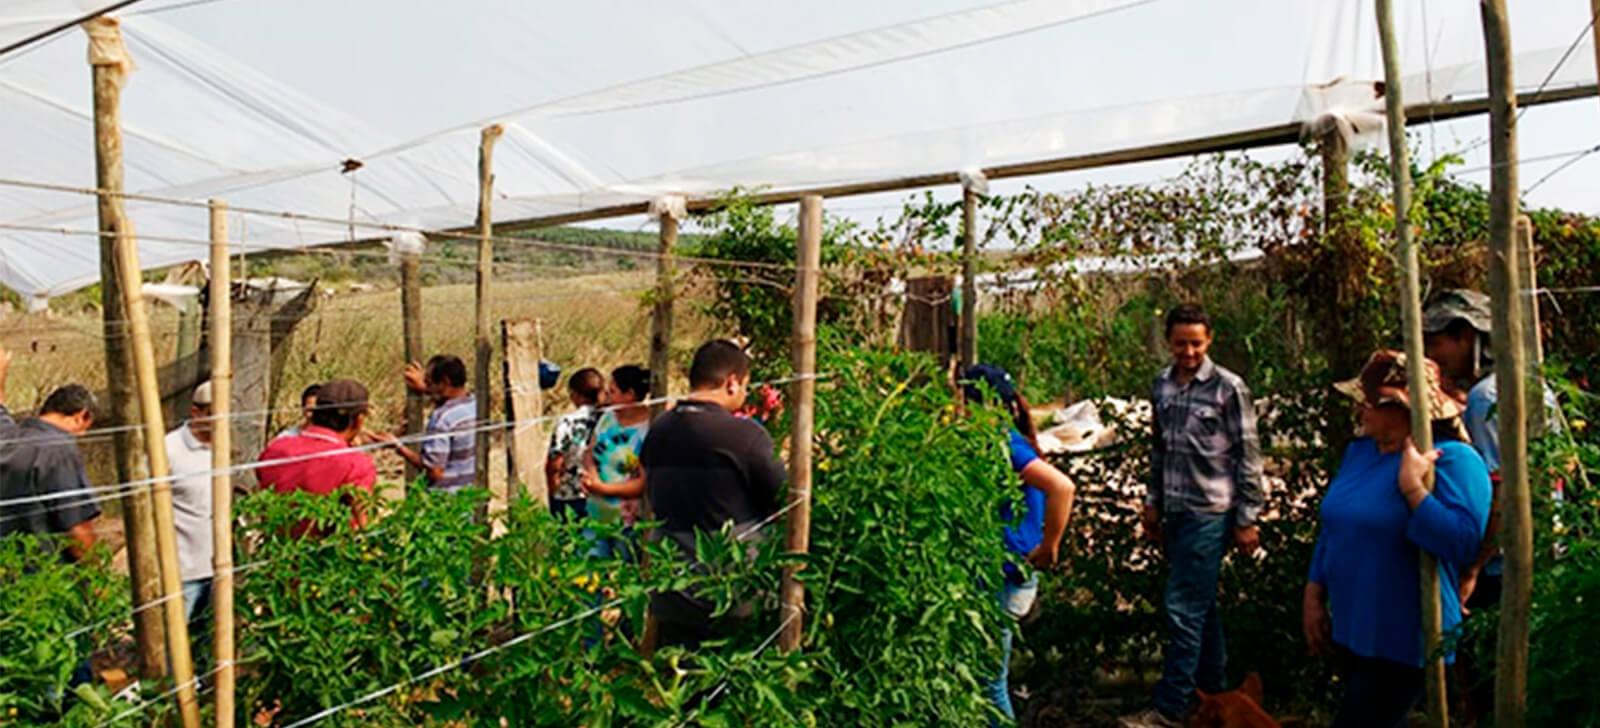 promip manejo integrado de pragas controle biologico promip realiza treinamentos manejo integrado de pragas a produtores da regiao marilia